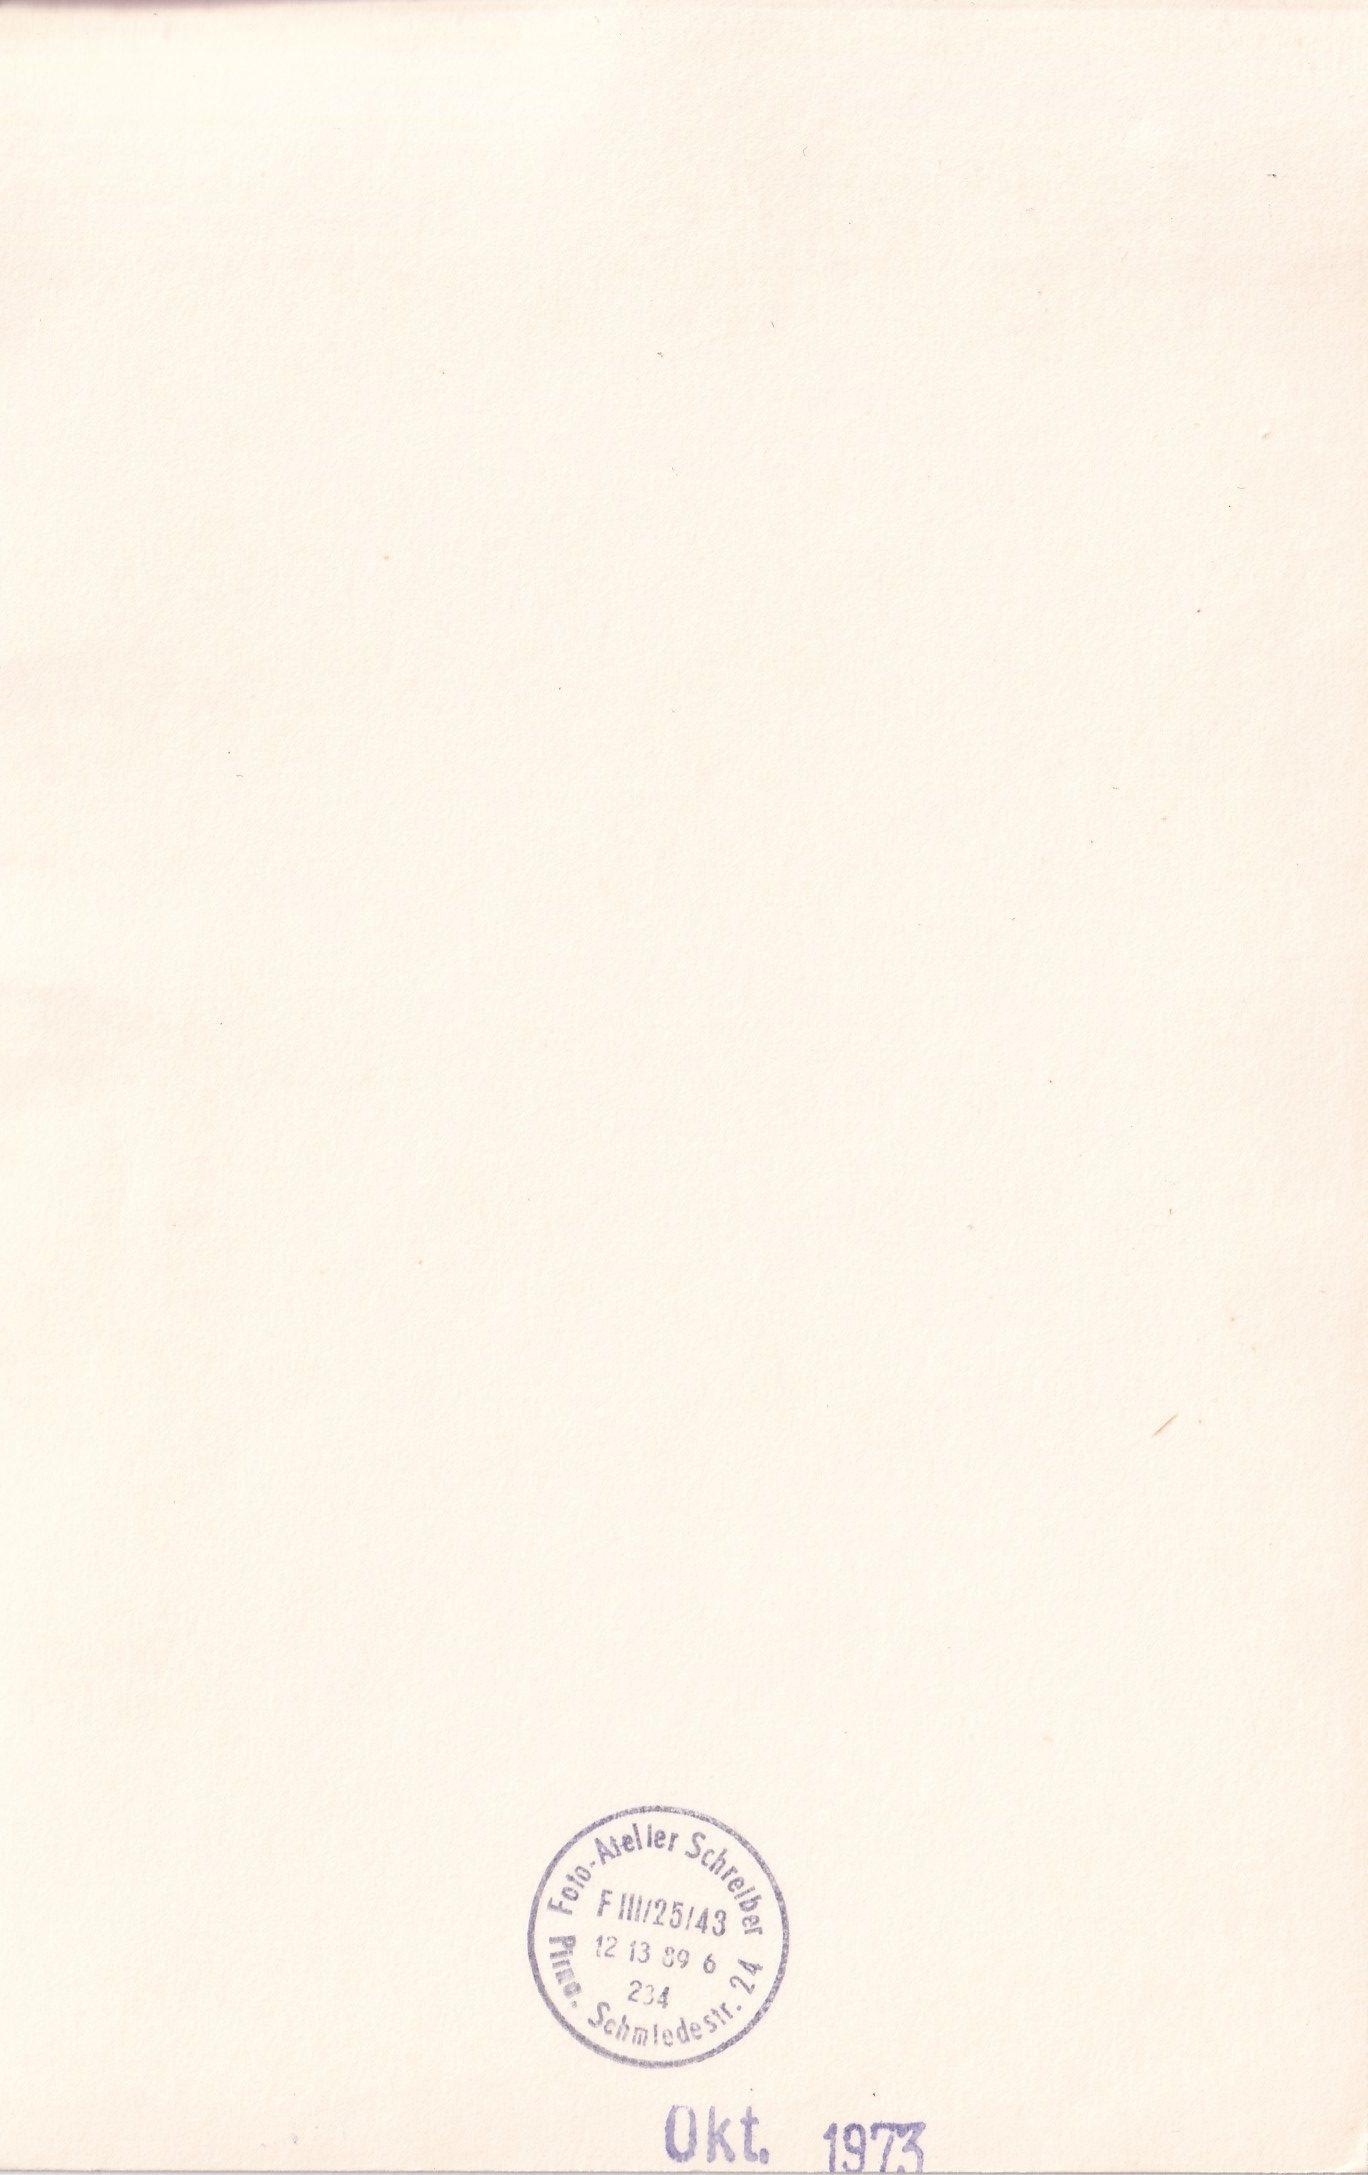 Bébé allemand aux yeux clairs en studio  Ateler Schrelber  verso format   rotated